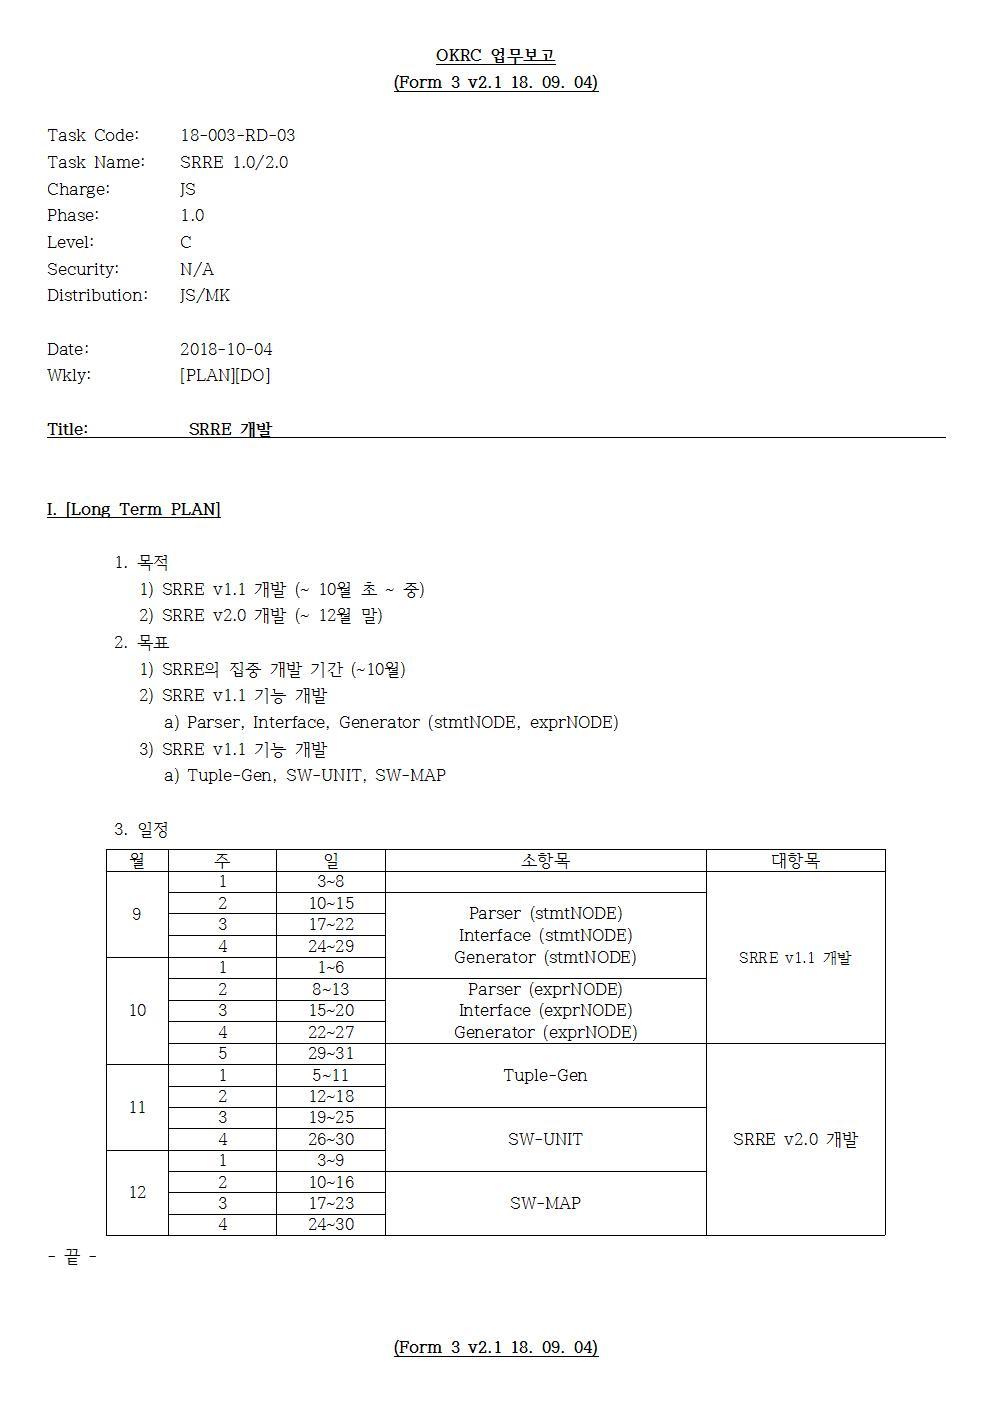 D-[18-003-RD-03]-[SRRE]-[2018-10-01][JS]001.jpg